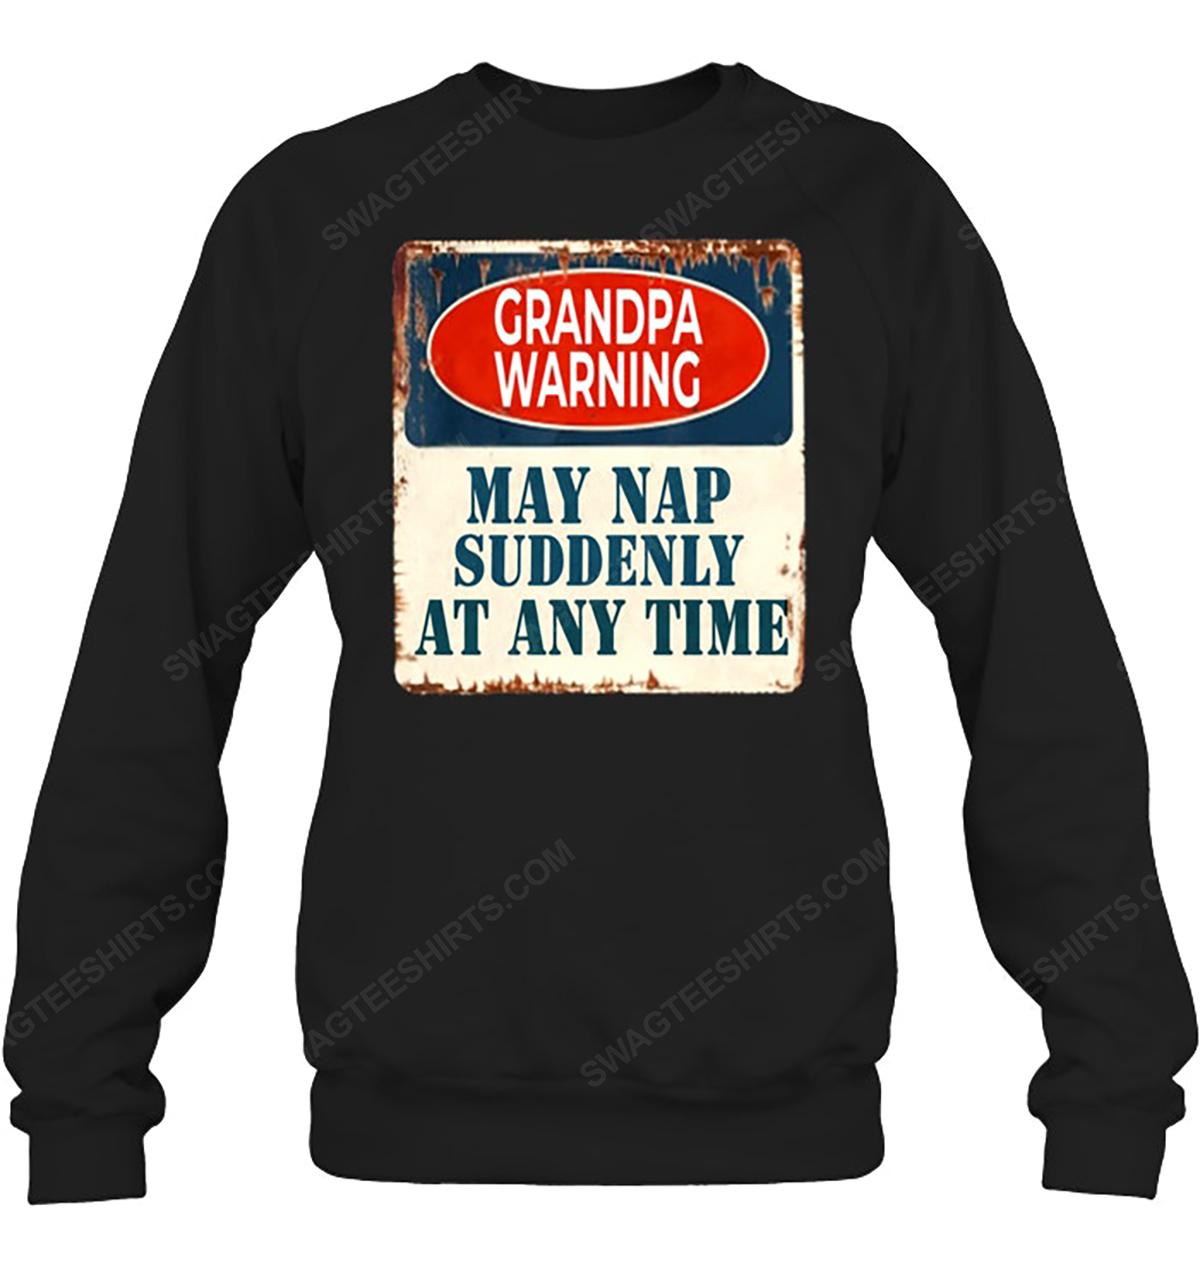 Grandpa warning may nap suddenly at any time sweatshirt 1